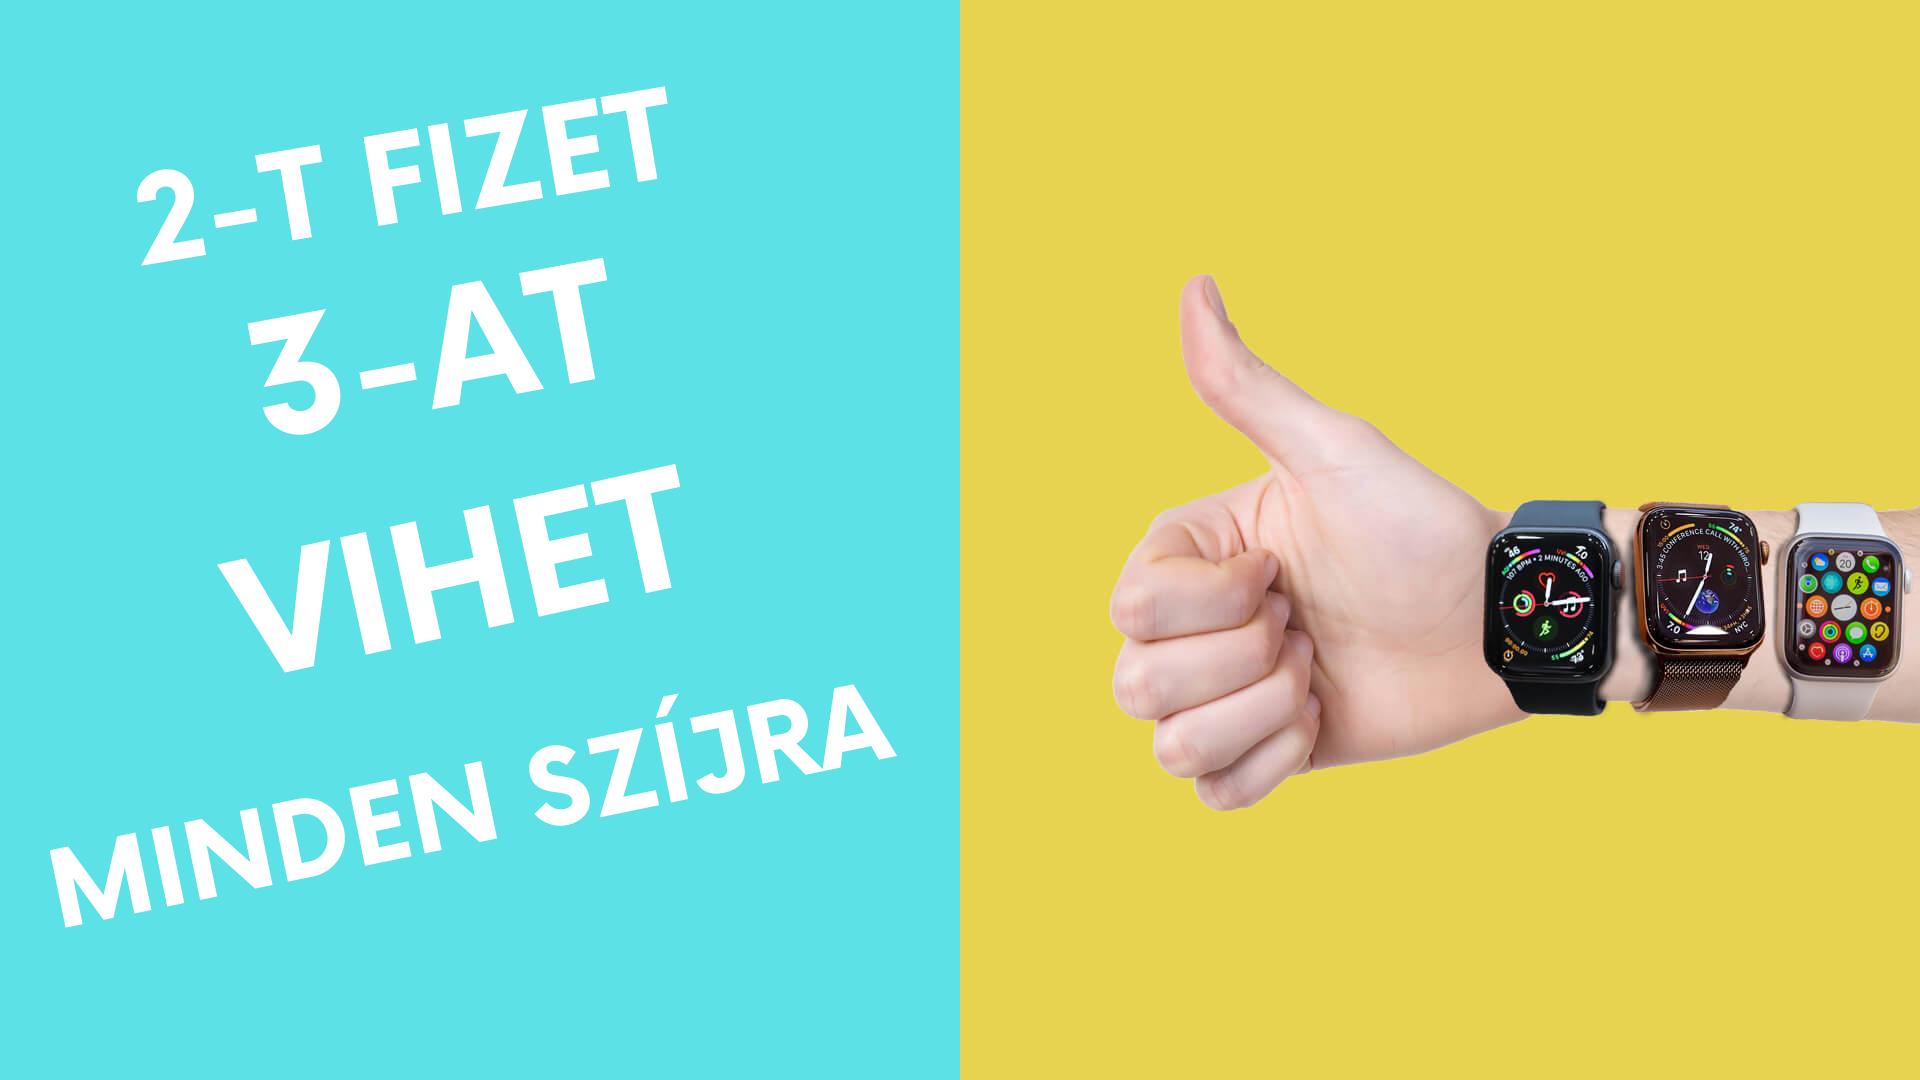 2-T FIZET